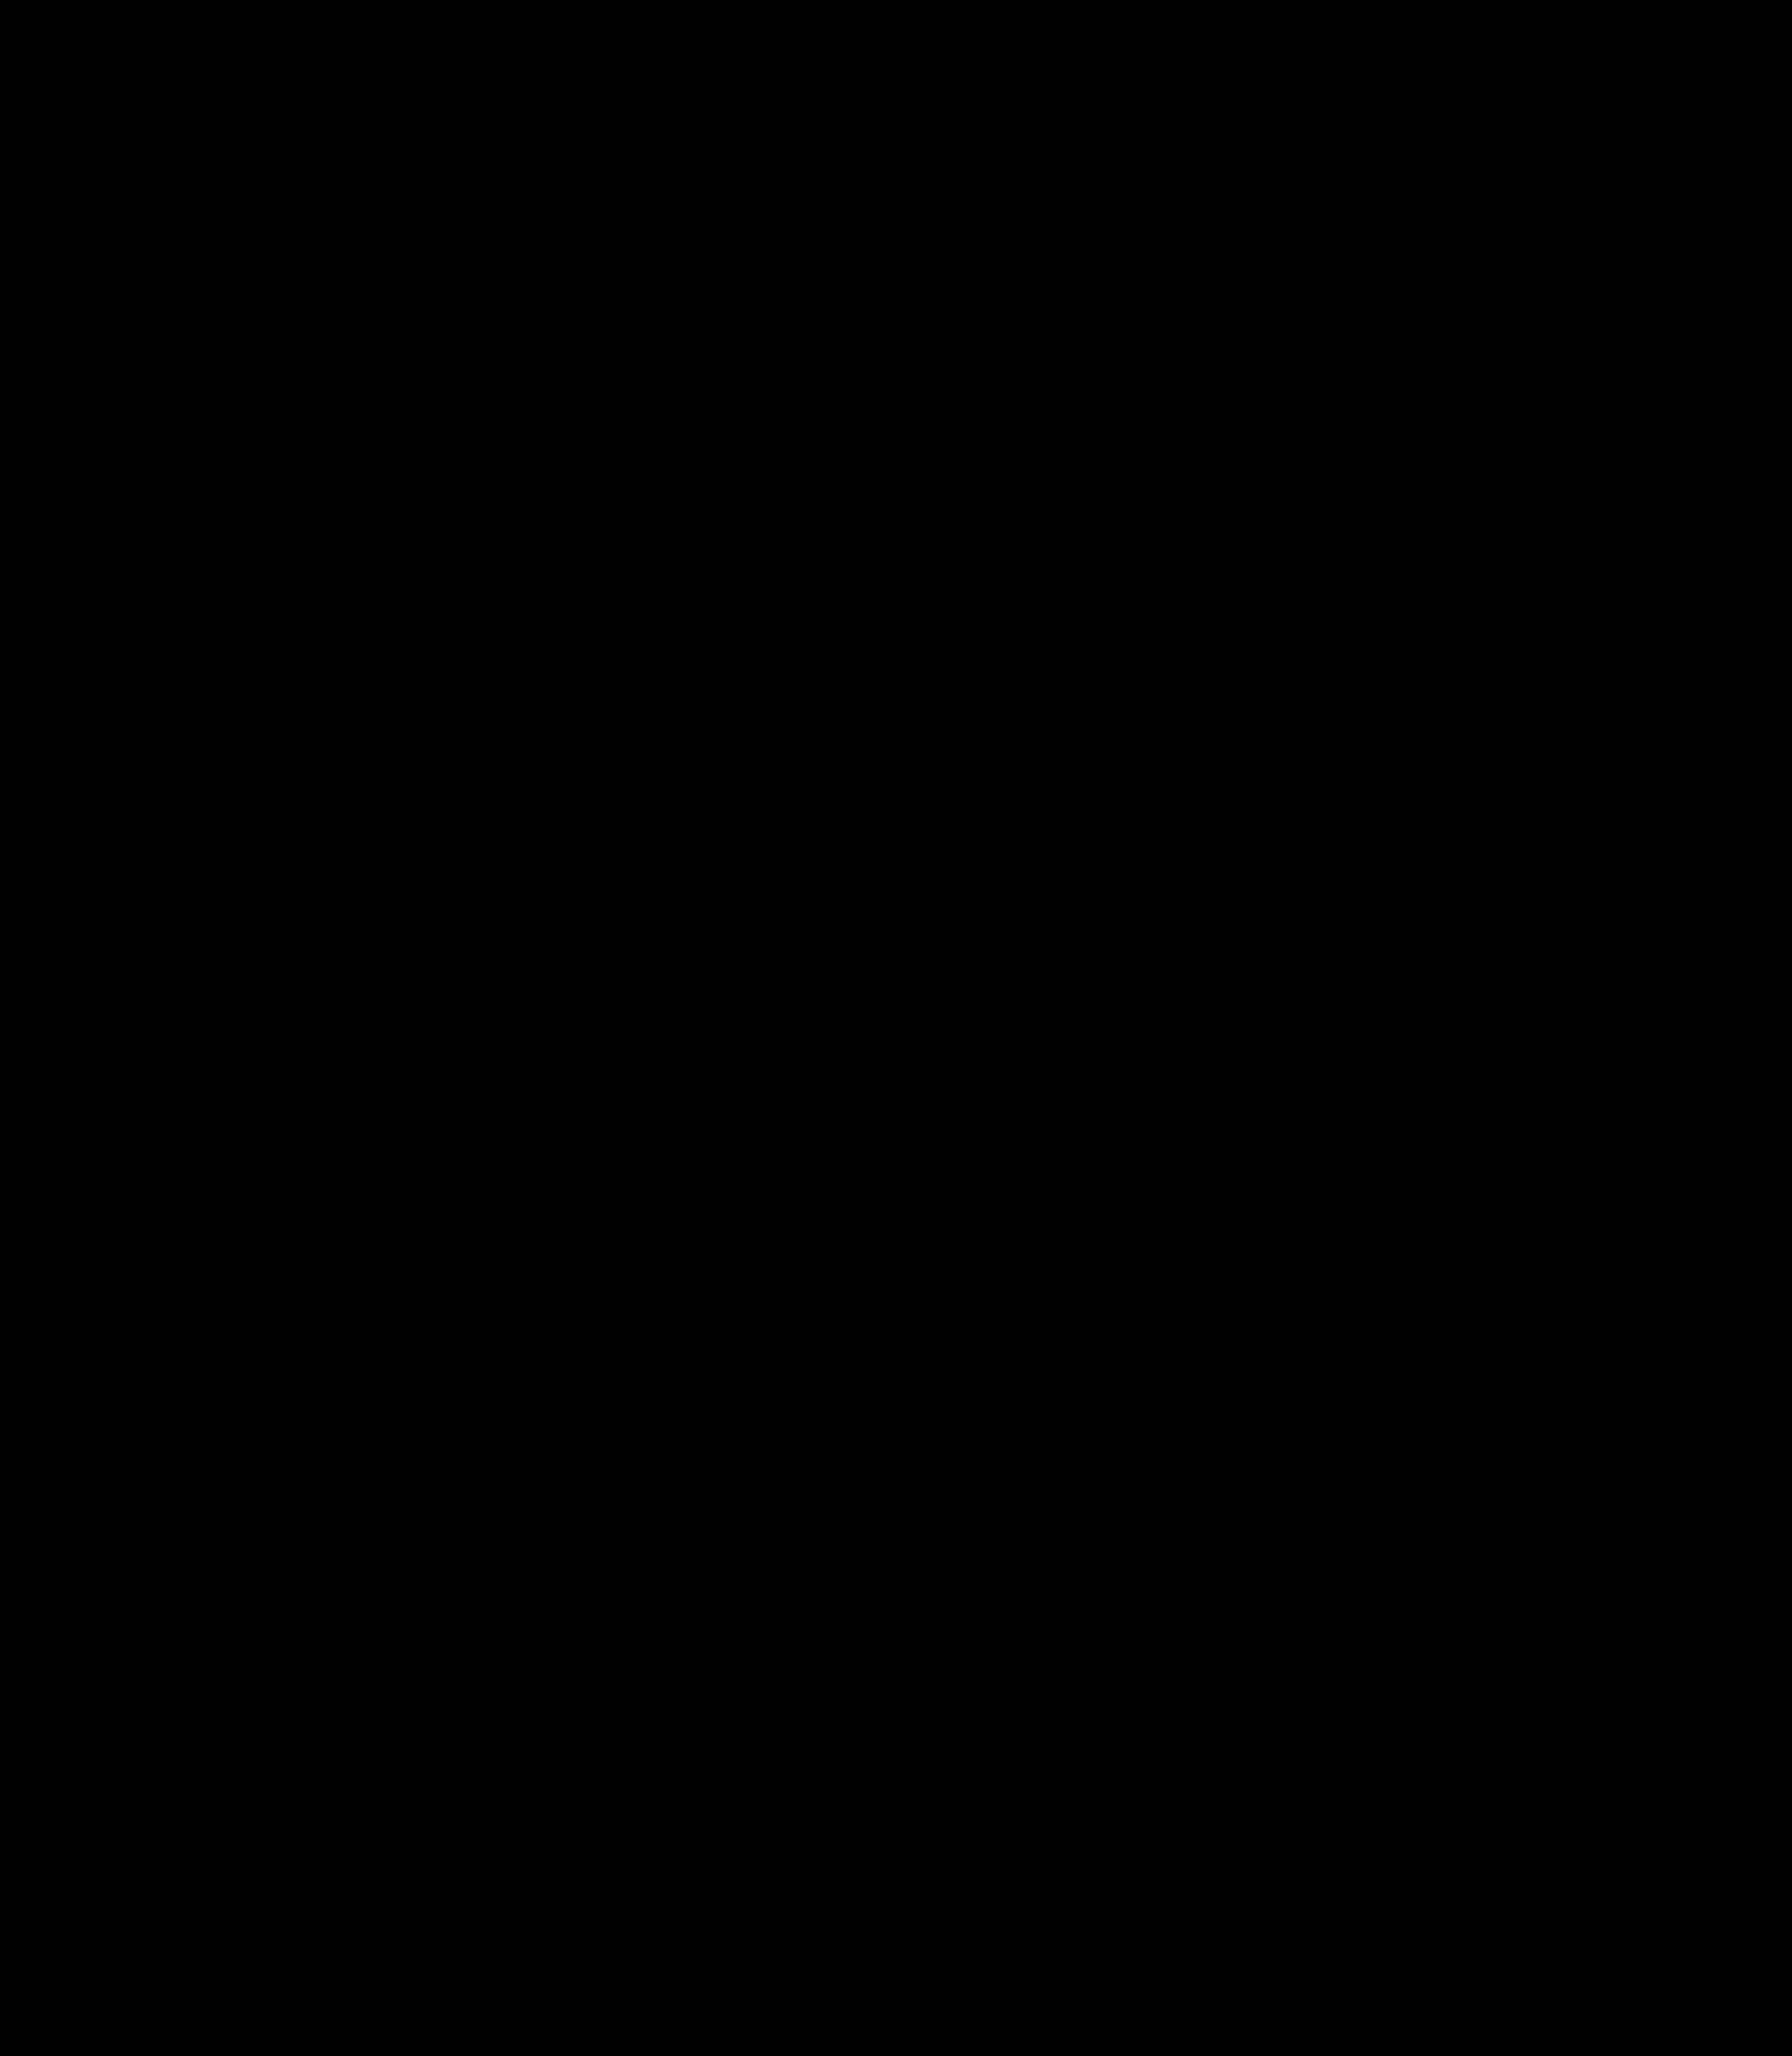 CERVEZA BELICH